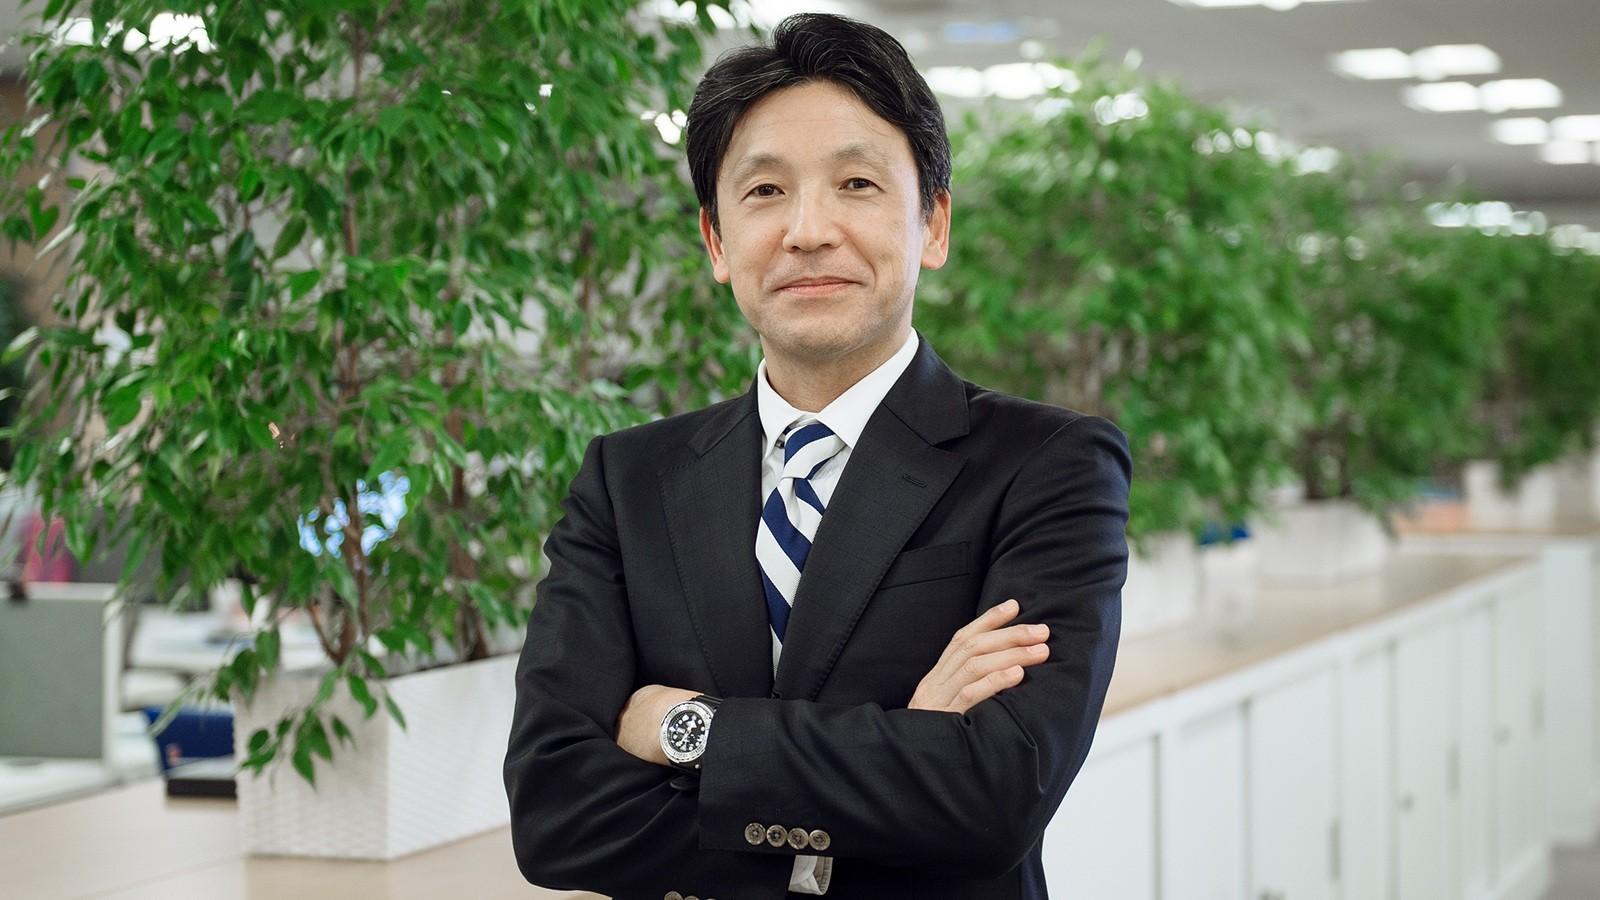 На фото: новый президент ООО «Тойота Мотор» Сюдзи Суга